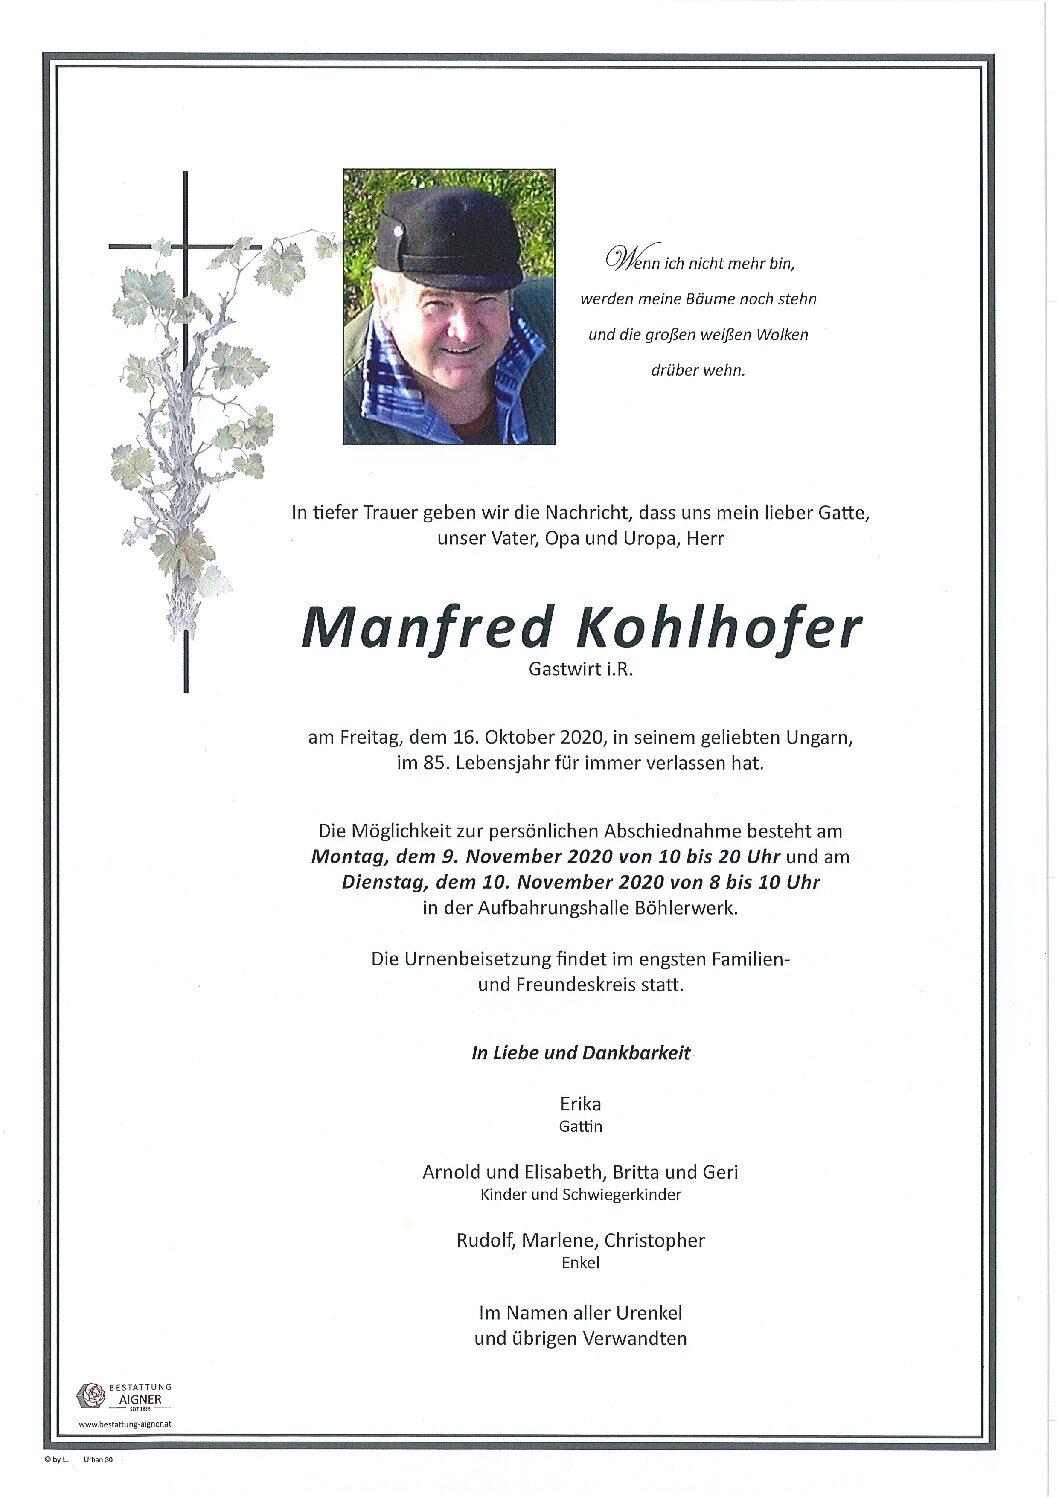 Manfred Kohlhofer